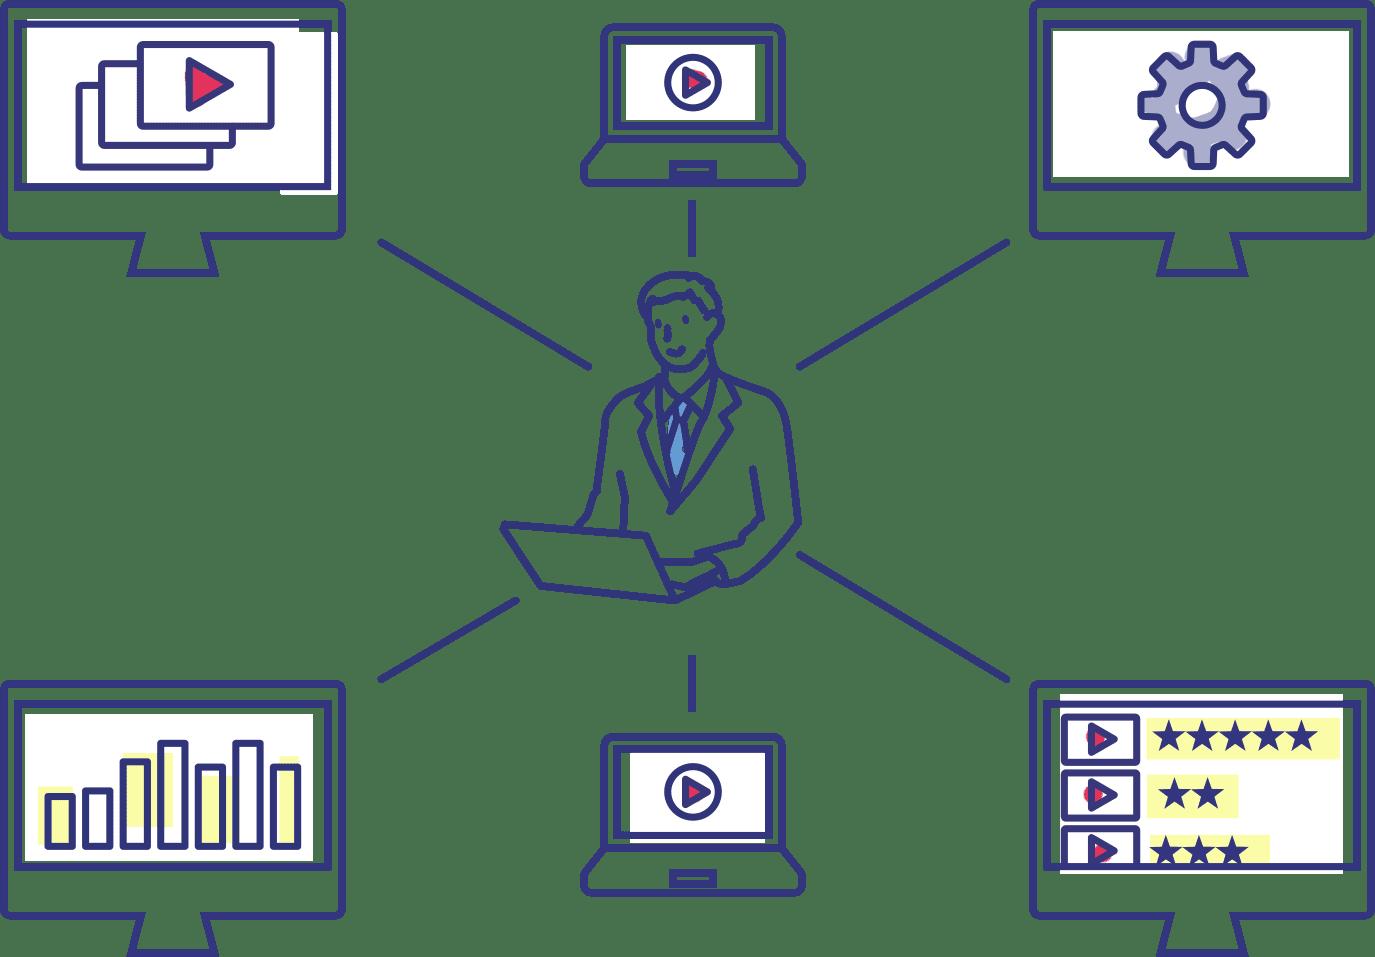 1つの管理者アカウントで複数企業の動画メディア・アカウントを作成、一元管理できる